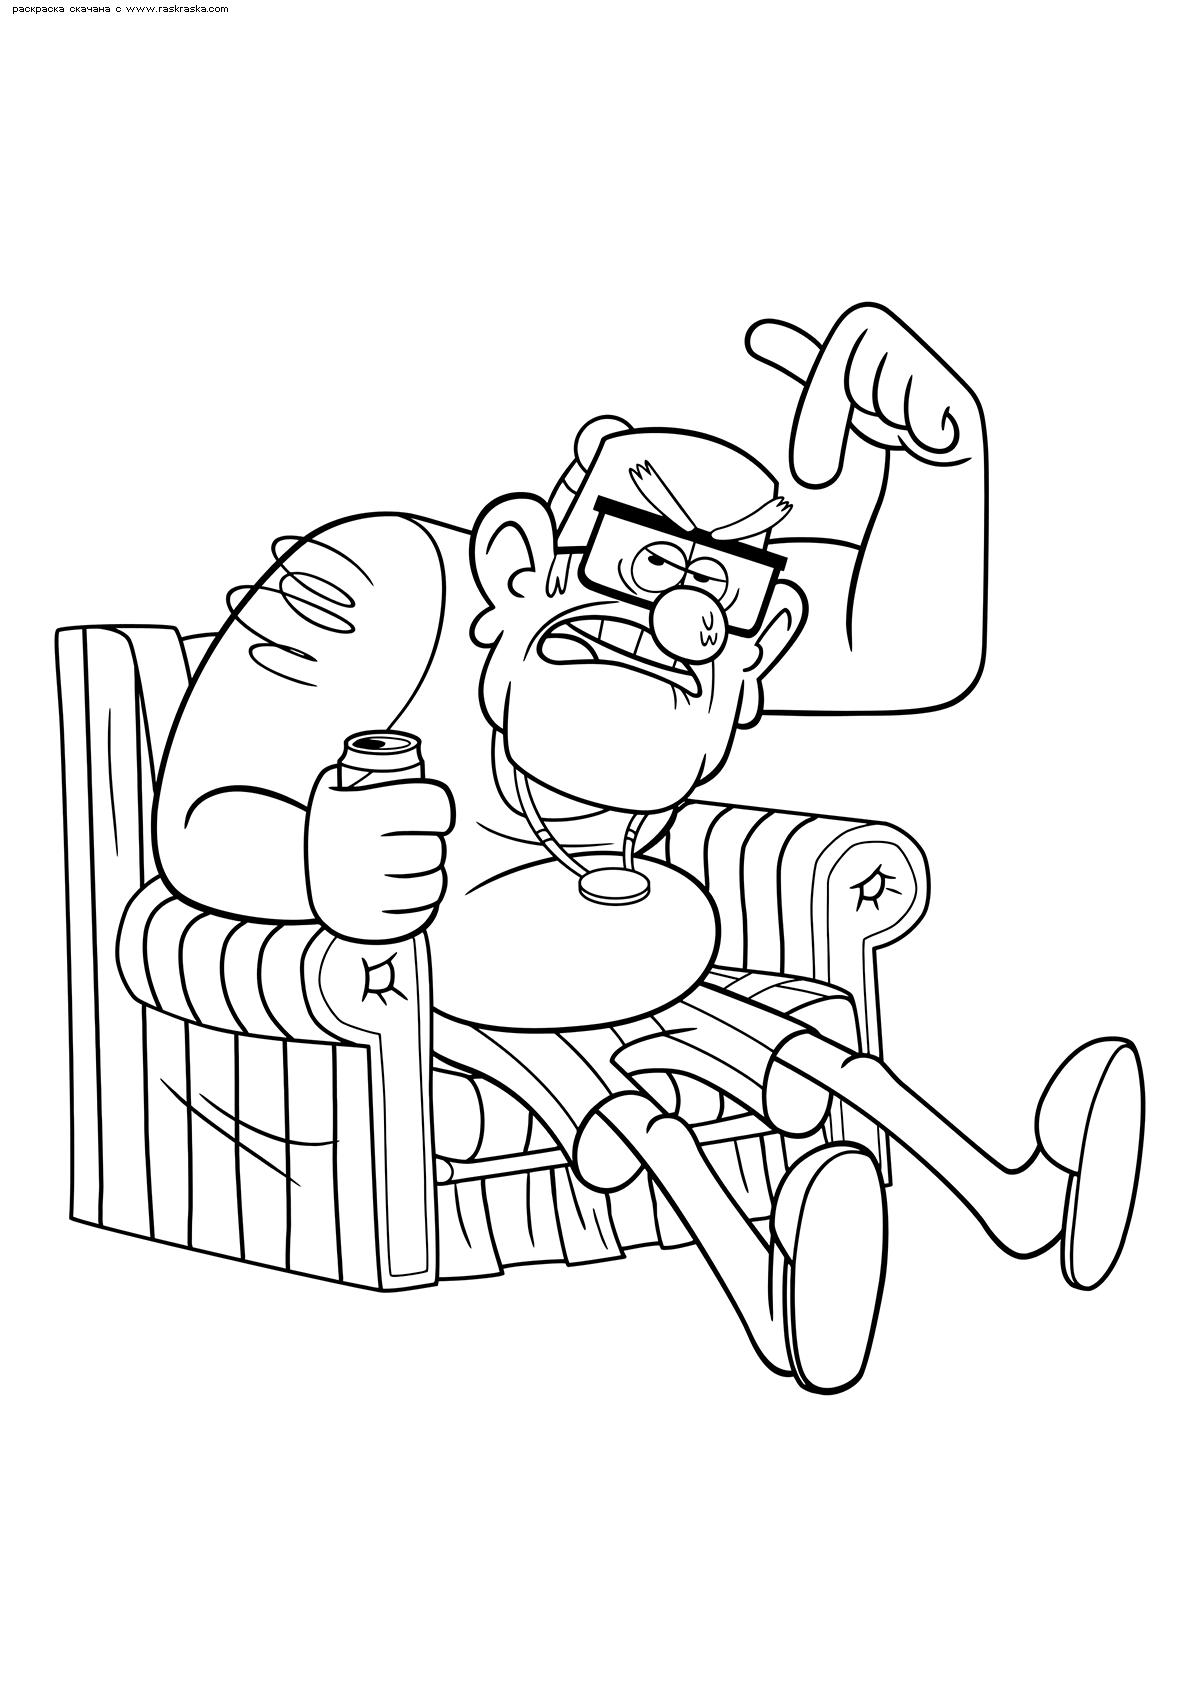 Раскраска Стэн в кресле. Раскраска Дедушка из Гравити Фолз